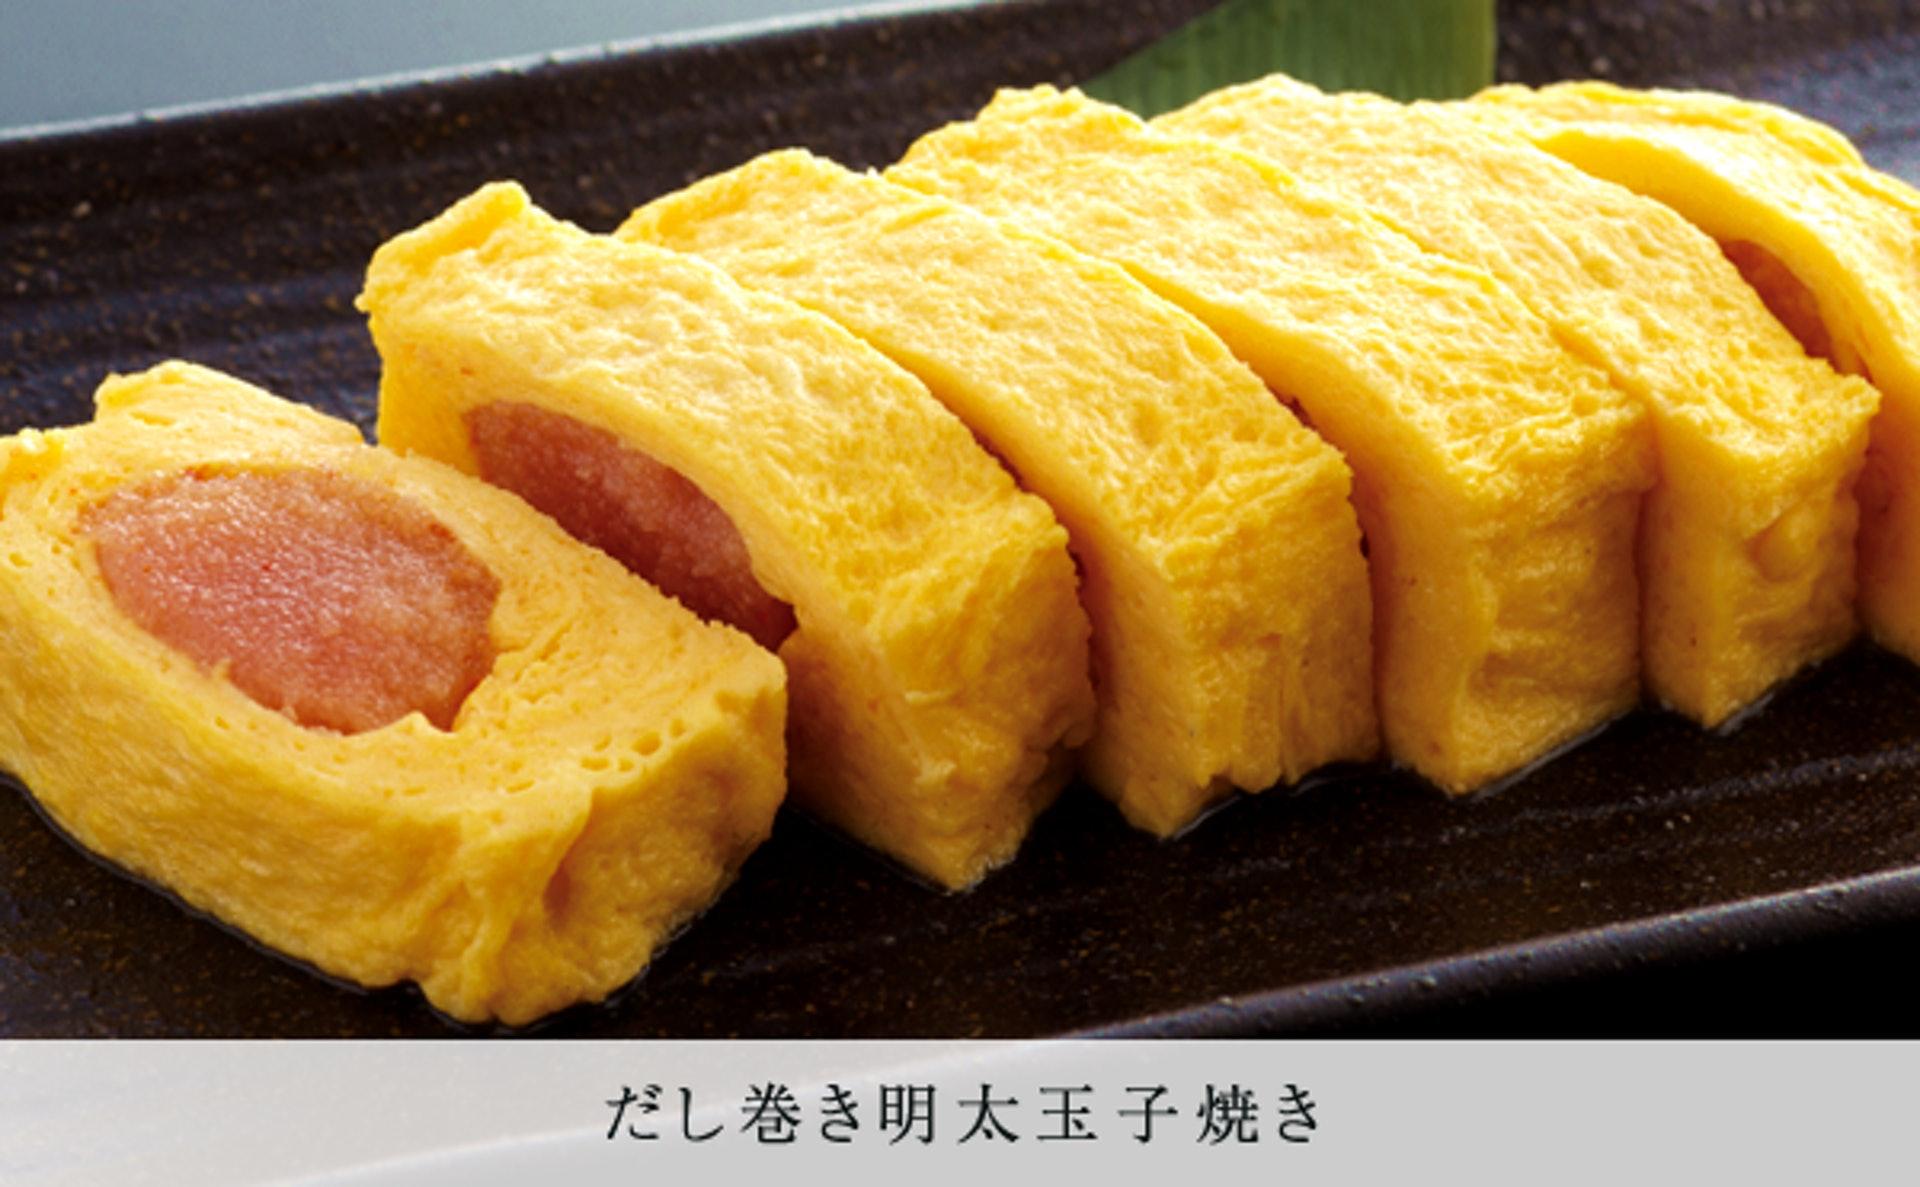 明太子料理(博多もつ鍋やまや官網)